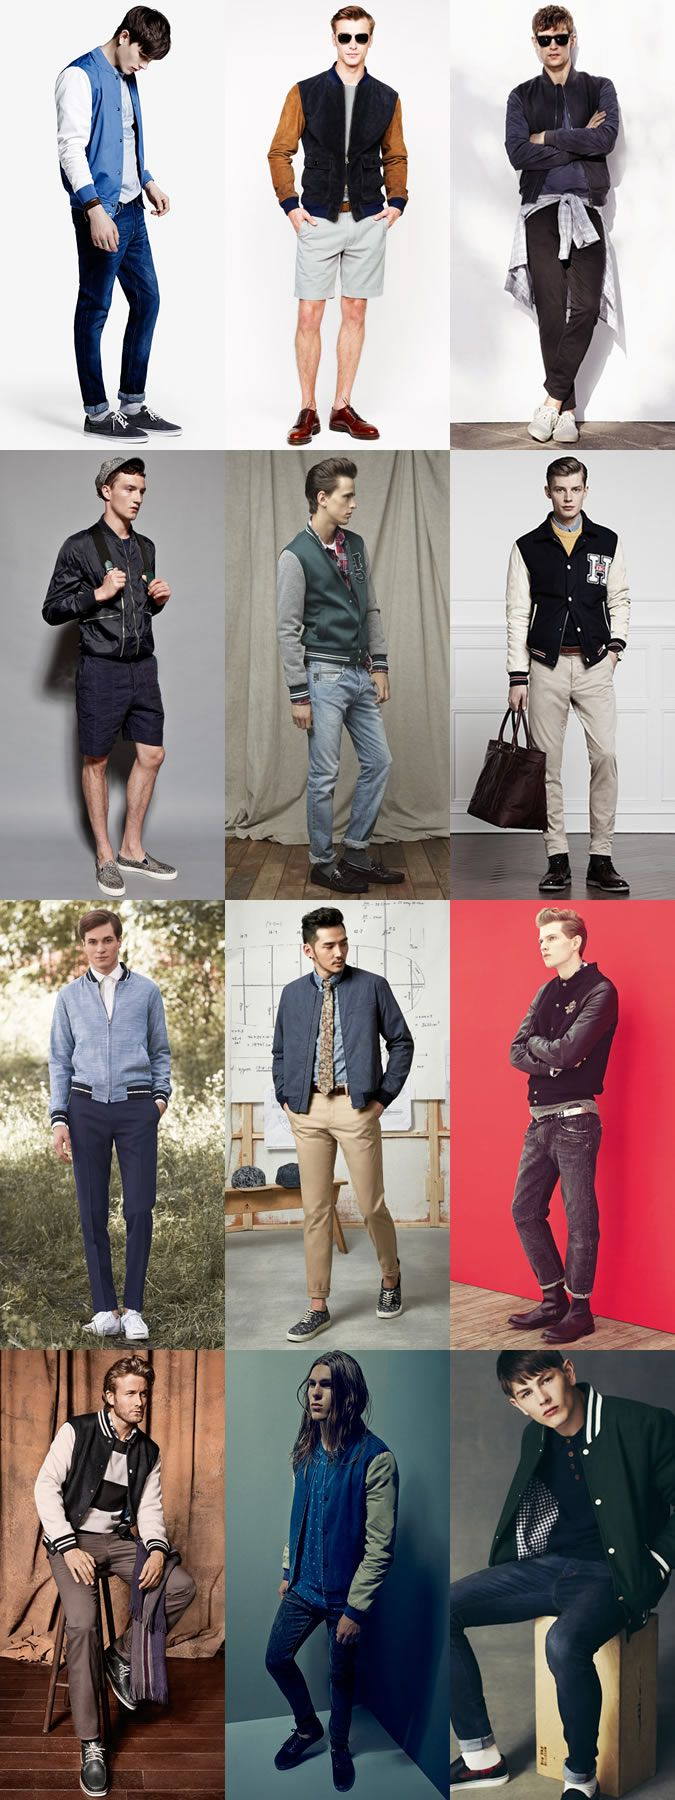 The Varsity Jacket, Ways To Wear: Americana Lookbook Inspiration